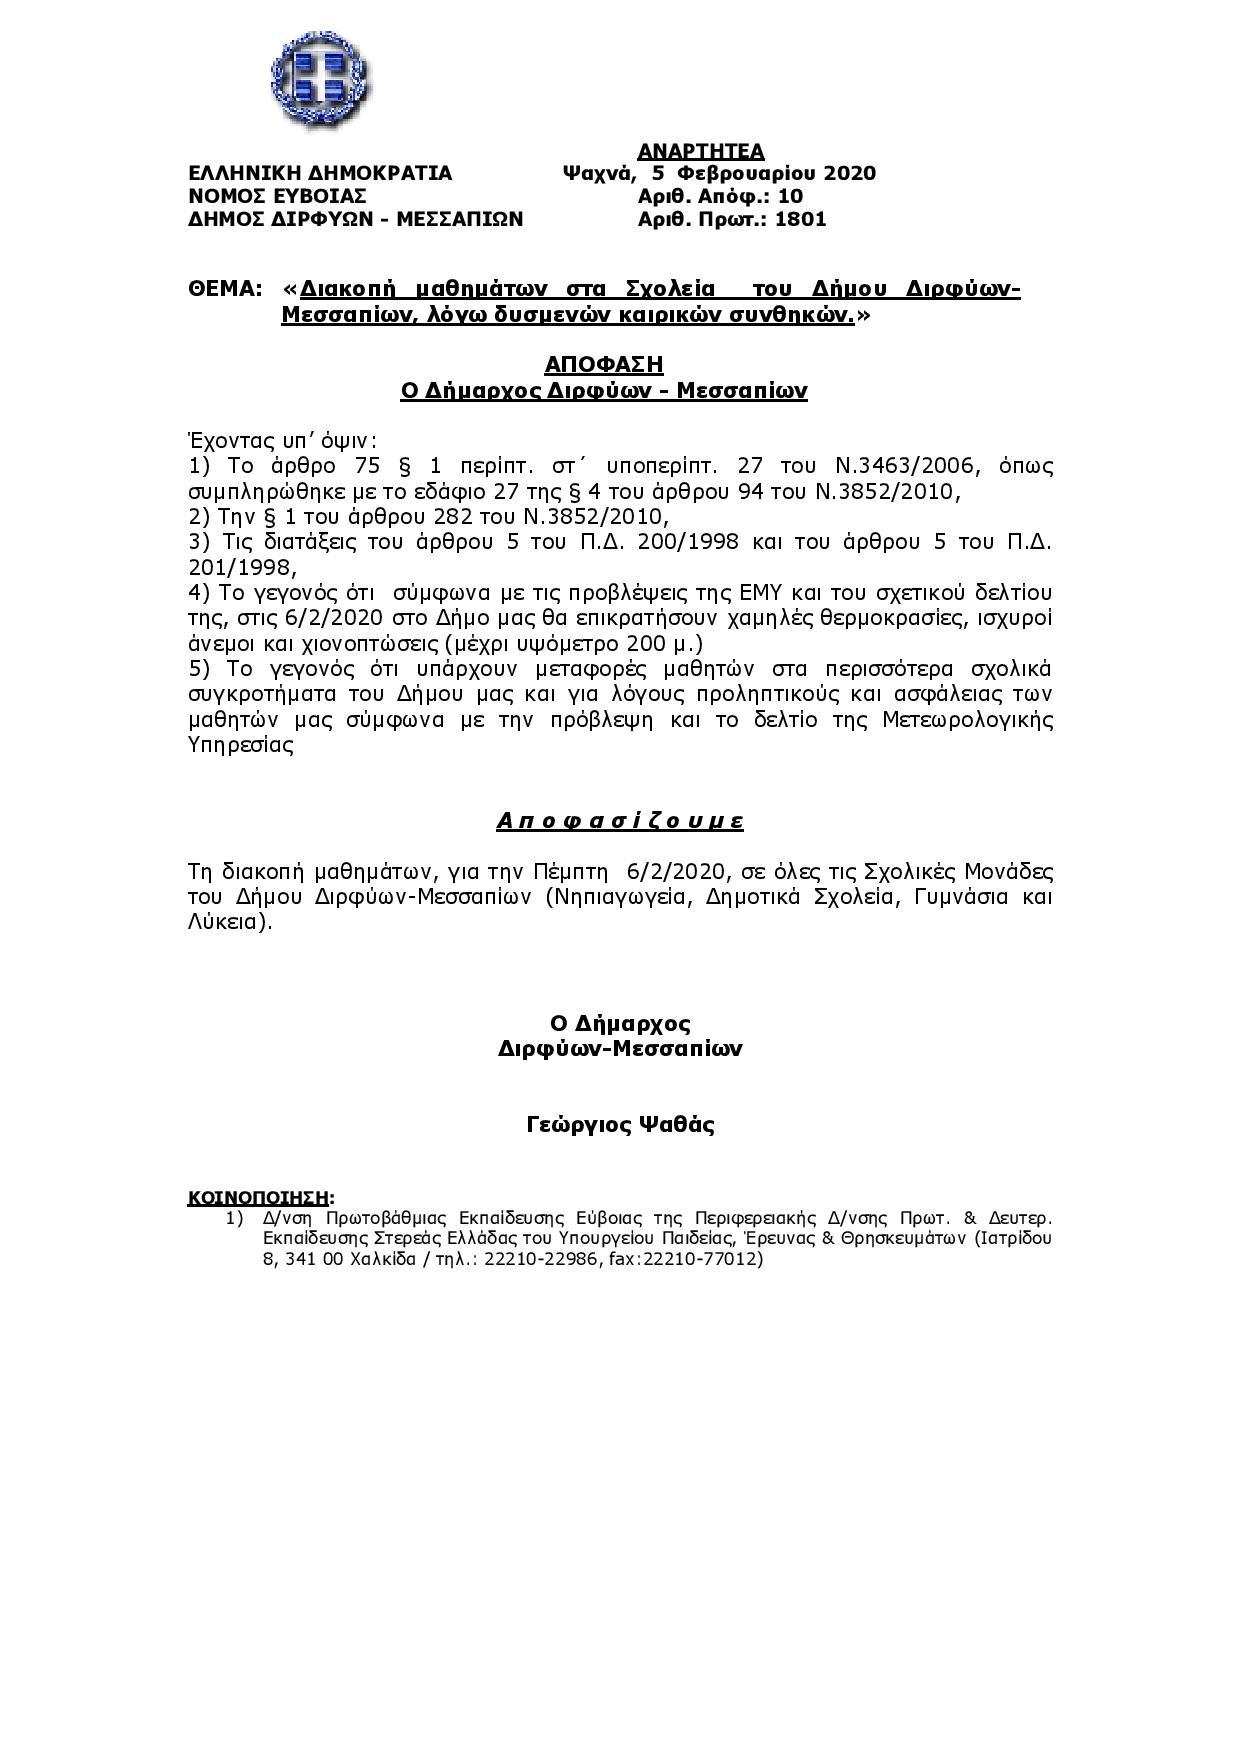 Κλειστά αύριο όλα τα σχολεία στον Δήμο Διρφύων Μεσσαπίων Document page 001